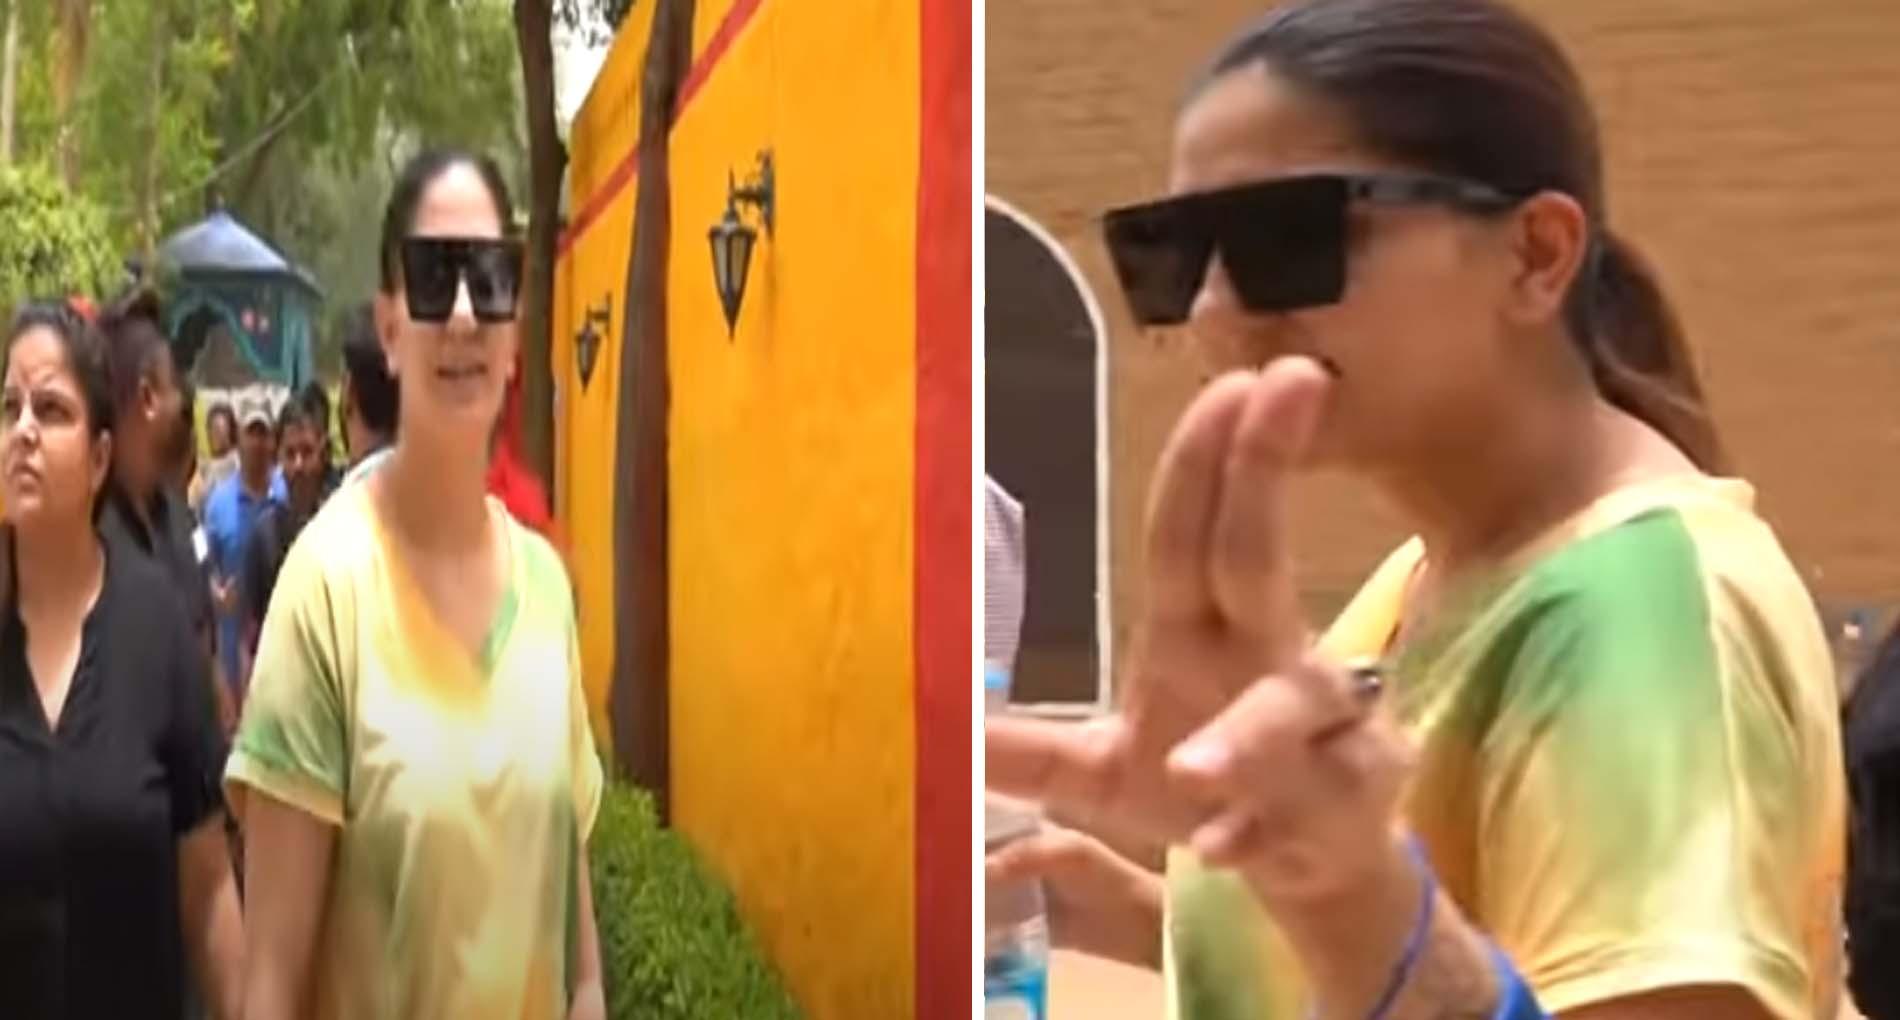 Sapna Choudhary Video: सपना चौधरी ने नए गाने के सेट पर की जमकर मस्ती! देखें वीडियो